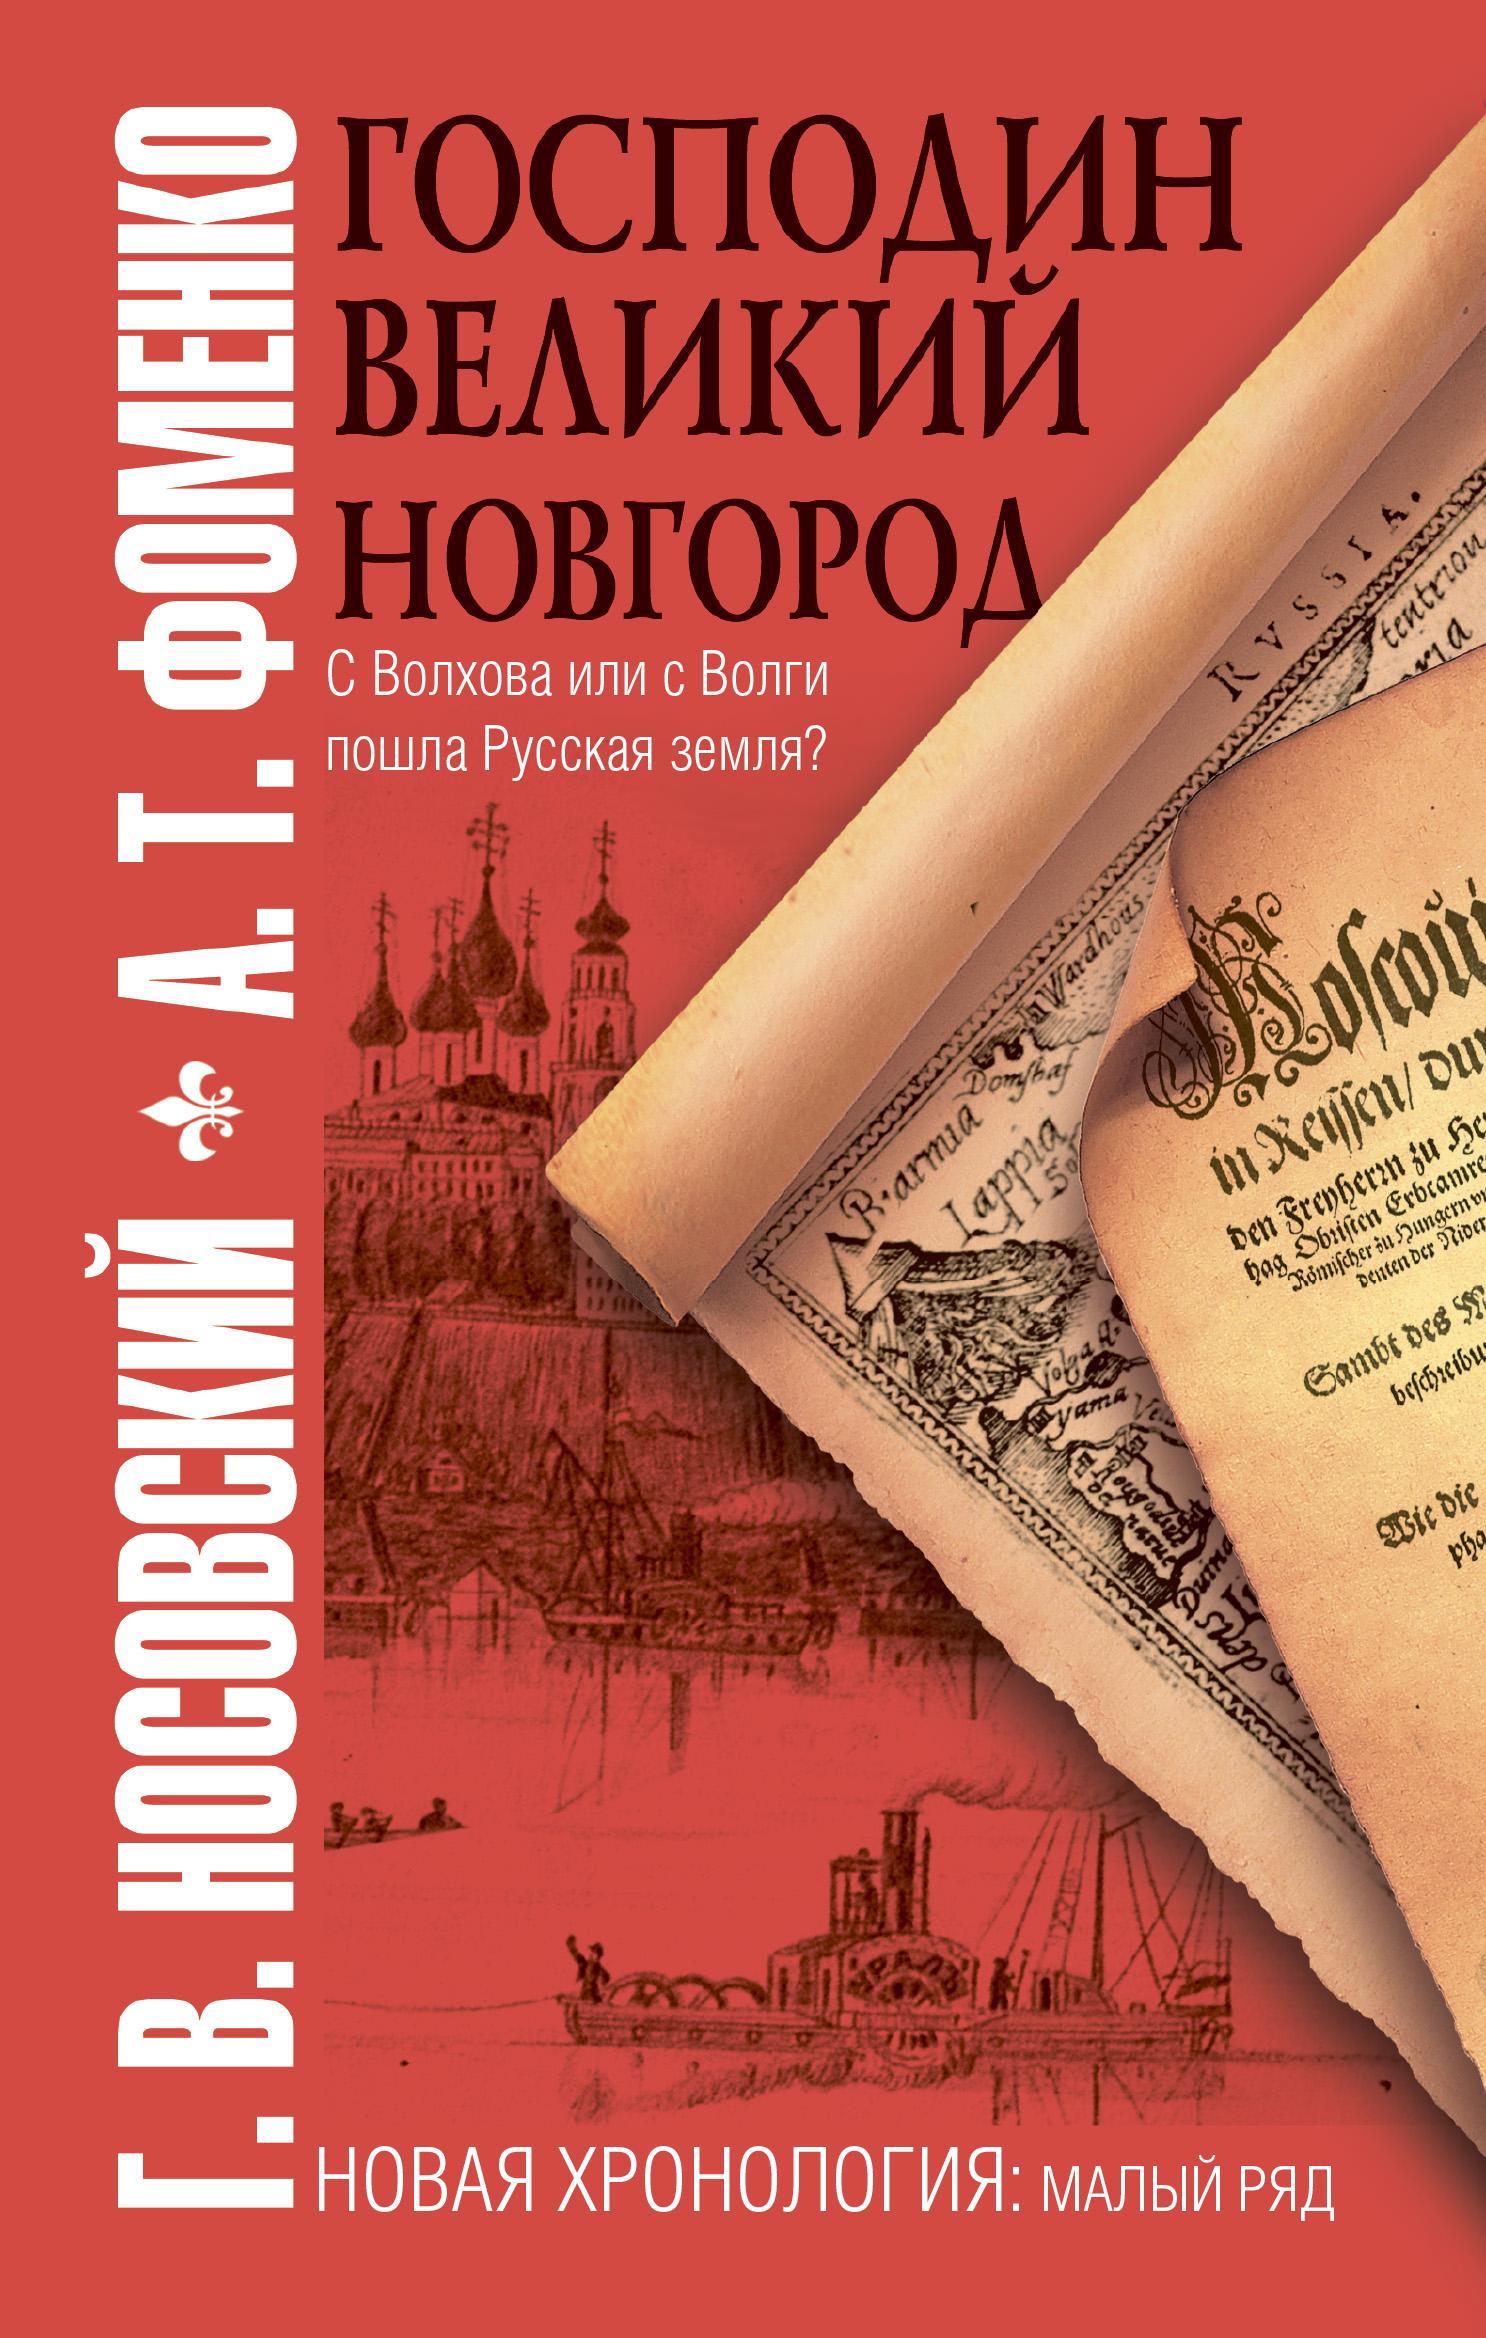 цена на Глеб Носовский Господин Великий Новгород